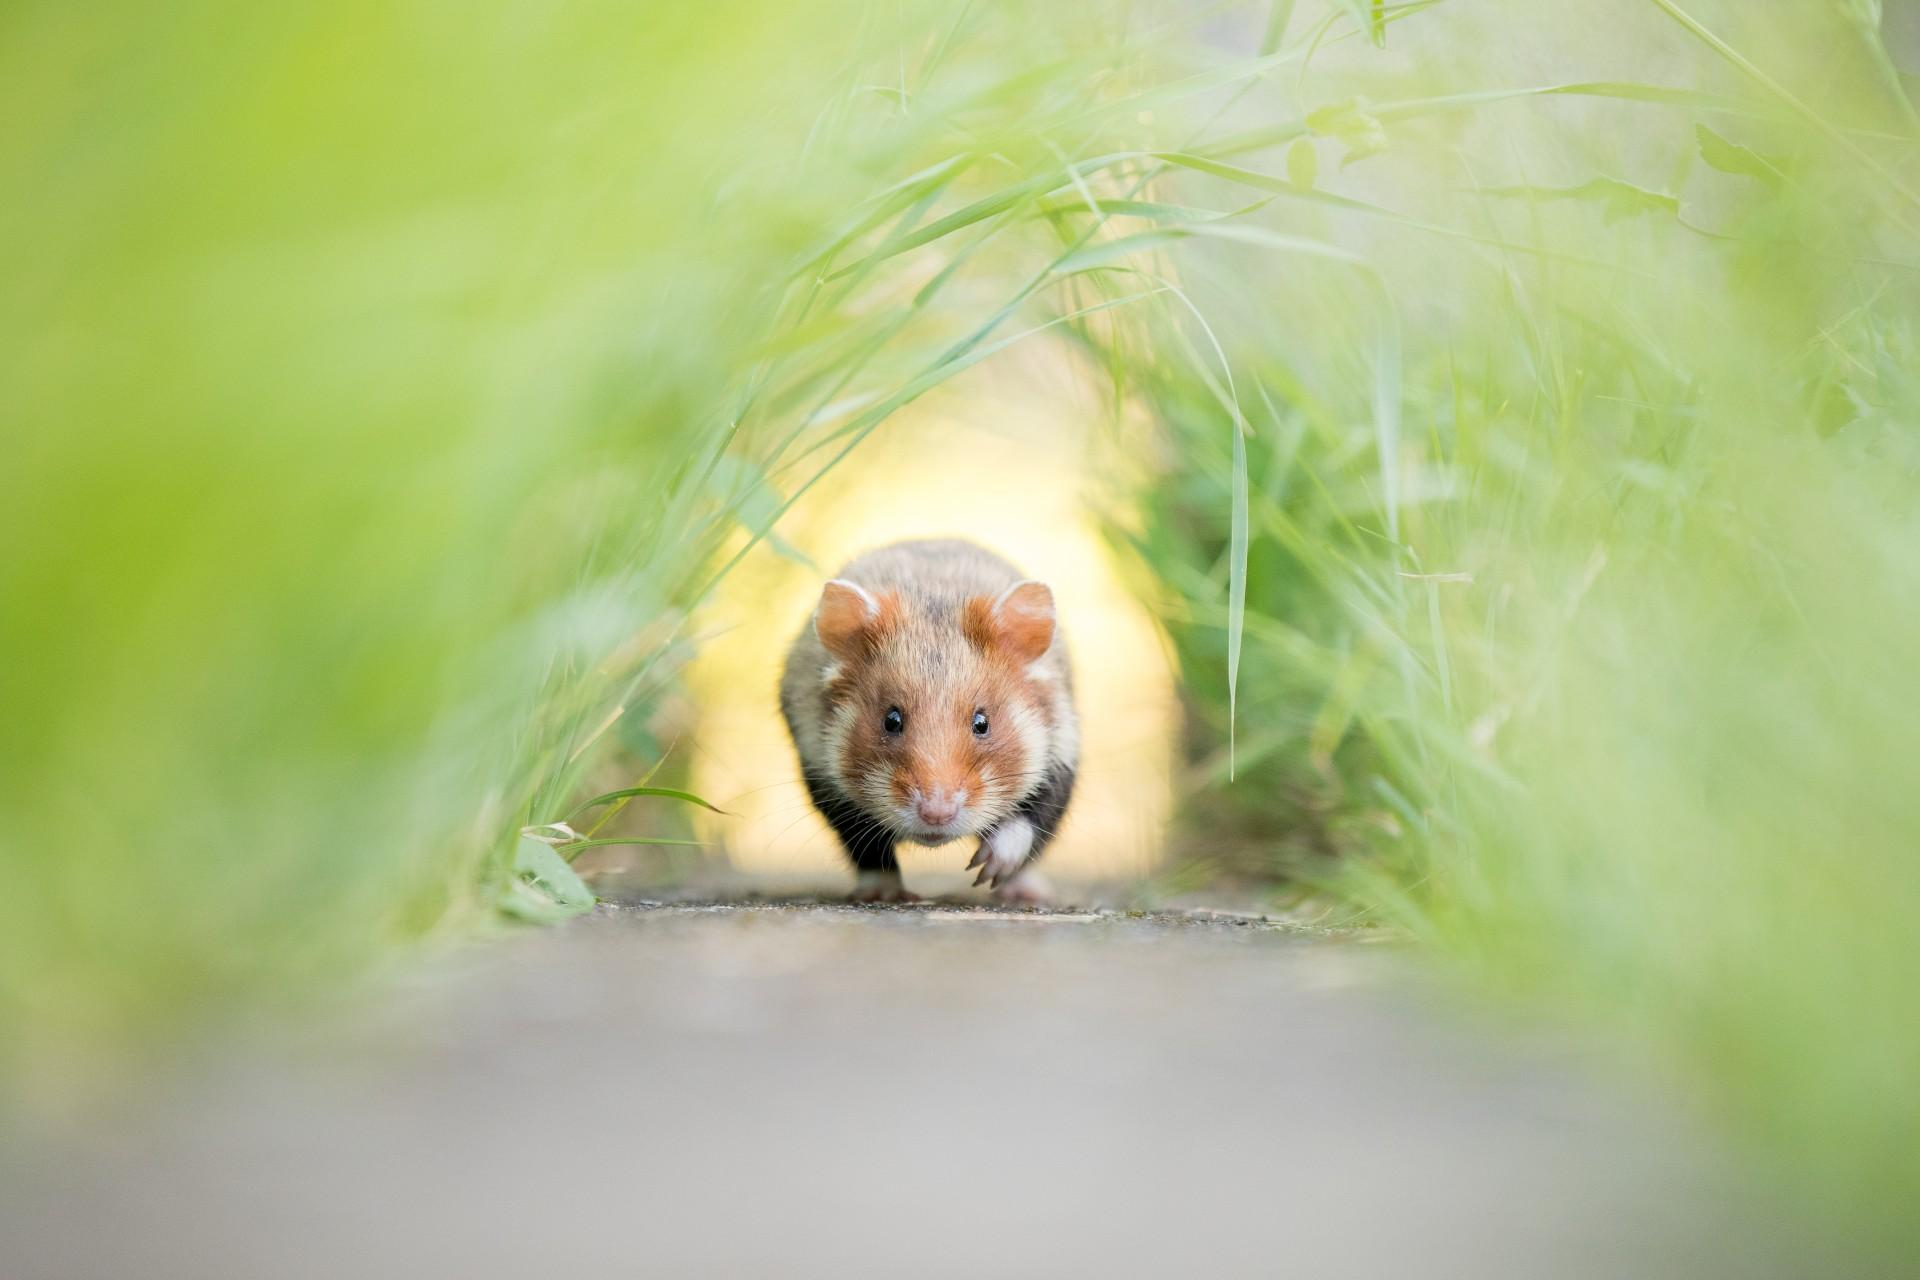 Fotó: Kolodziej Kai: Hörcsög pálya<br />Kategória: Az emlősök viselkedése<br />Helyezés: 3. díj<br />A TermészetBÚVÁR magazin különdíja <br /><br />Mezei hörcsög egy bécsi temető sírfalán kialakított, alagútszerű járatban rohangál. A valamikor elterjedt faj vadon élő populációja mára nagyon lecsökkent mert vagy kártevőként kezelték, vagy a prémjük miatt vadásztak rá. Szerencsére, a bécsi temetőkben és parkokban lehet találkozni szabadon élő példányokkal. A temetőkben a sírfalak cementburkolatait járatoknak használják miközben közlekednek az előhelyek közt. Rengeteg időt töltöttem a terepen figyelve és fotózva a fürge állatokat, de egyik se haladt az általam elképzelt irányba. Több napba telt, mire egy példány pont ott haladt el, ahol elképzeltem.